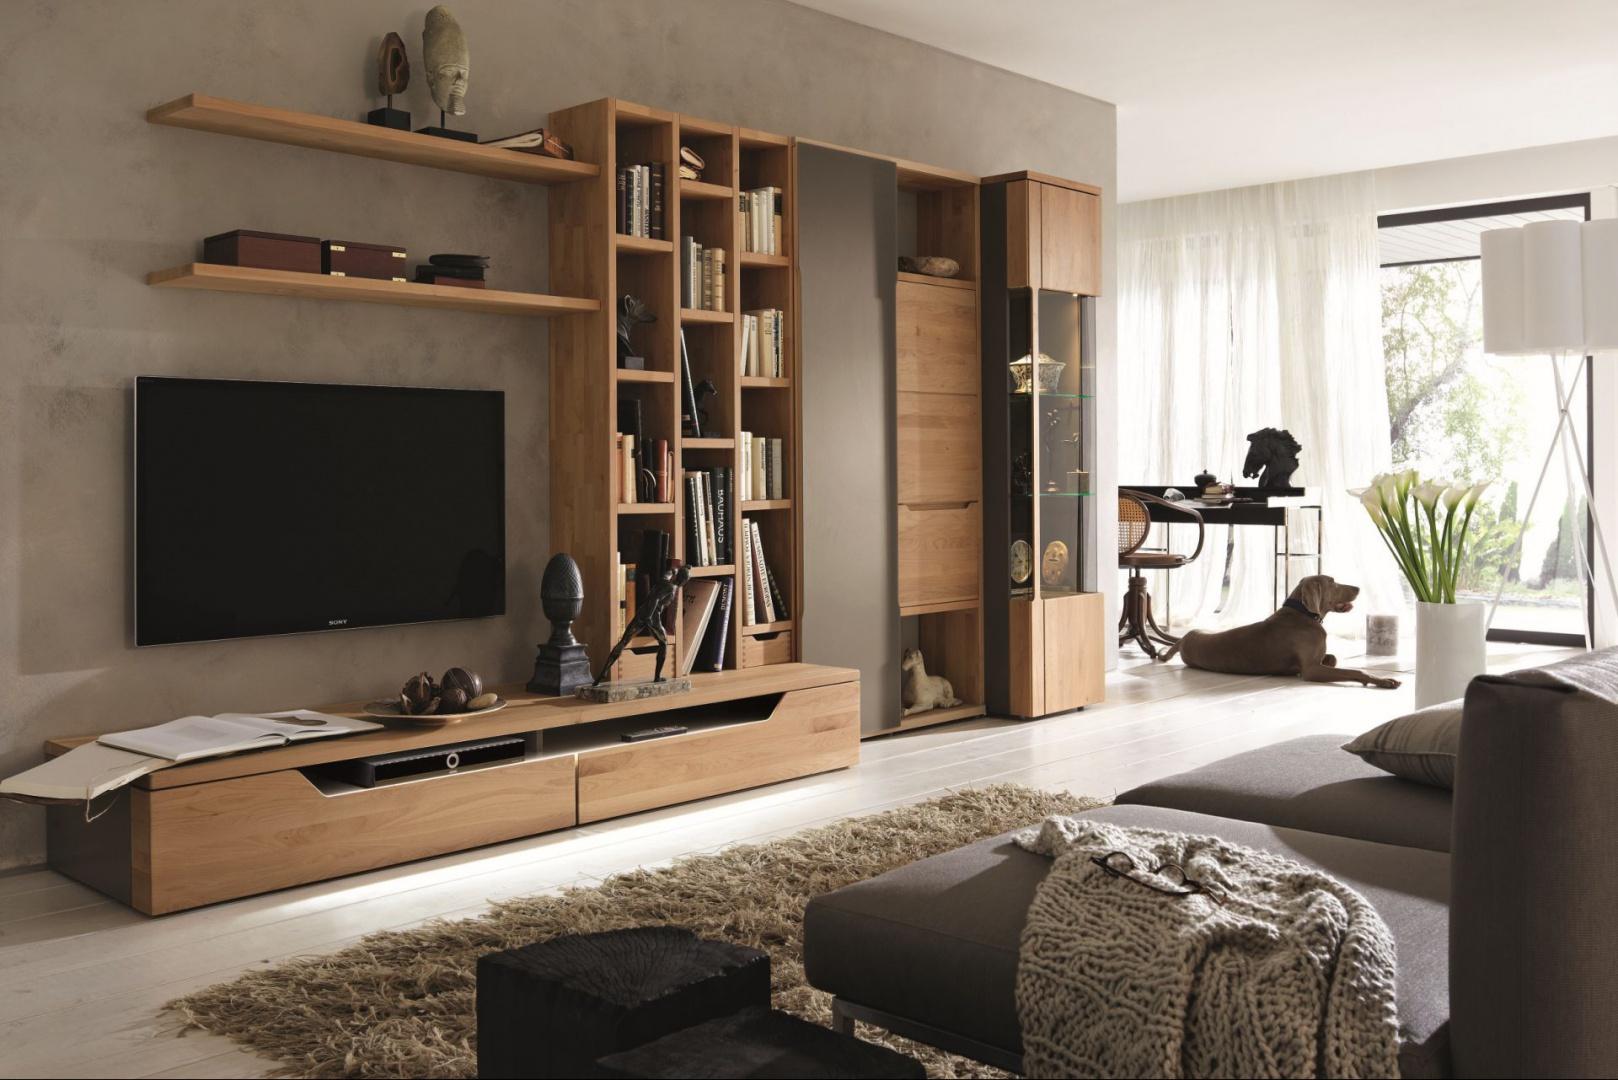 Kolekcja Carva oferuje nieograniczone możliwości projektowe, połączenie masywnych elementów drewnianych z delikatnym szkłem dodaje unikatowości. Fot. Hülsta.